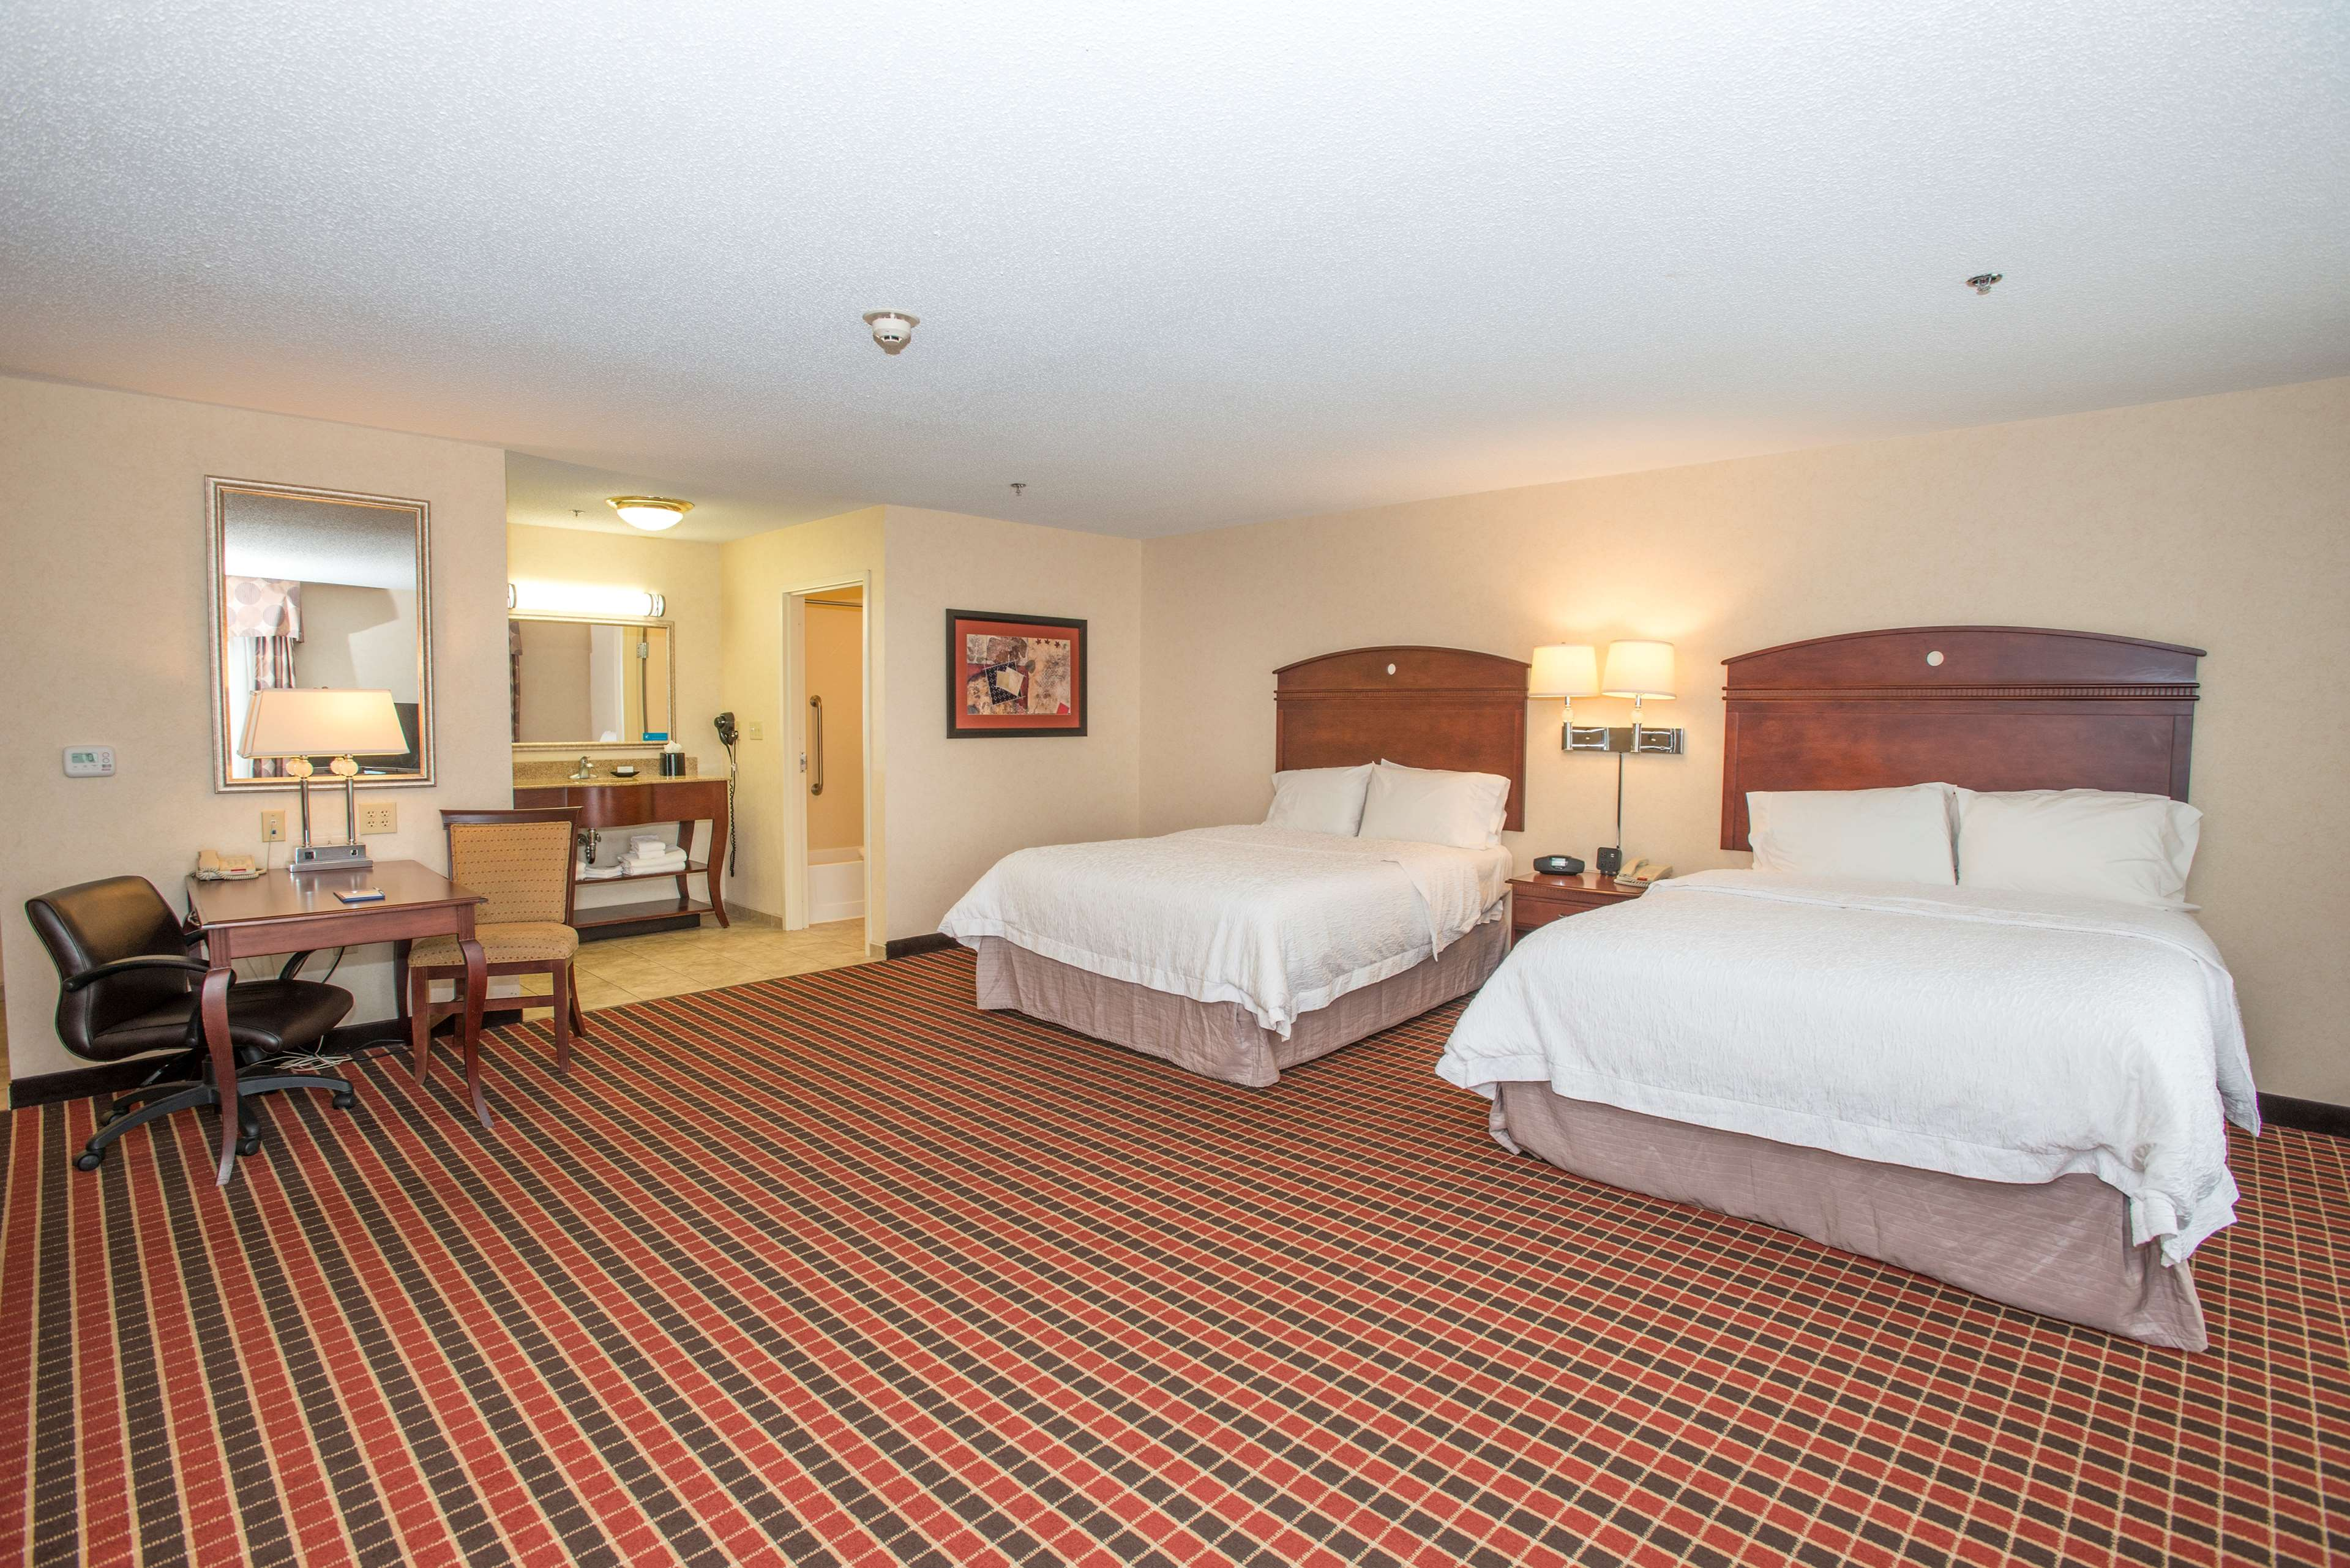 Hampton Inn & Suites Dayton-Airport image 27